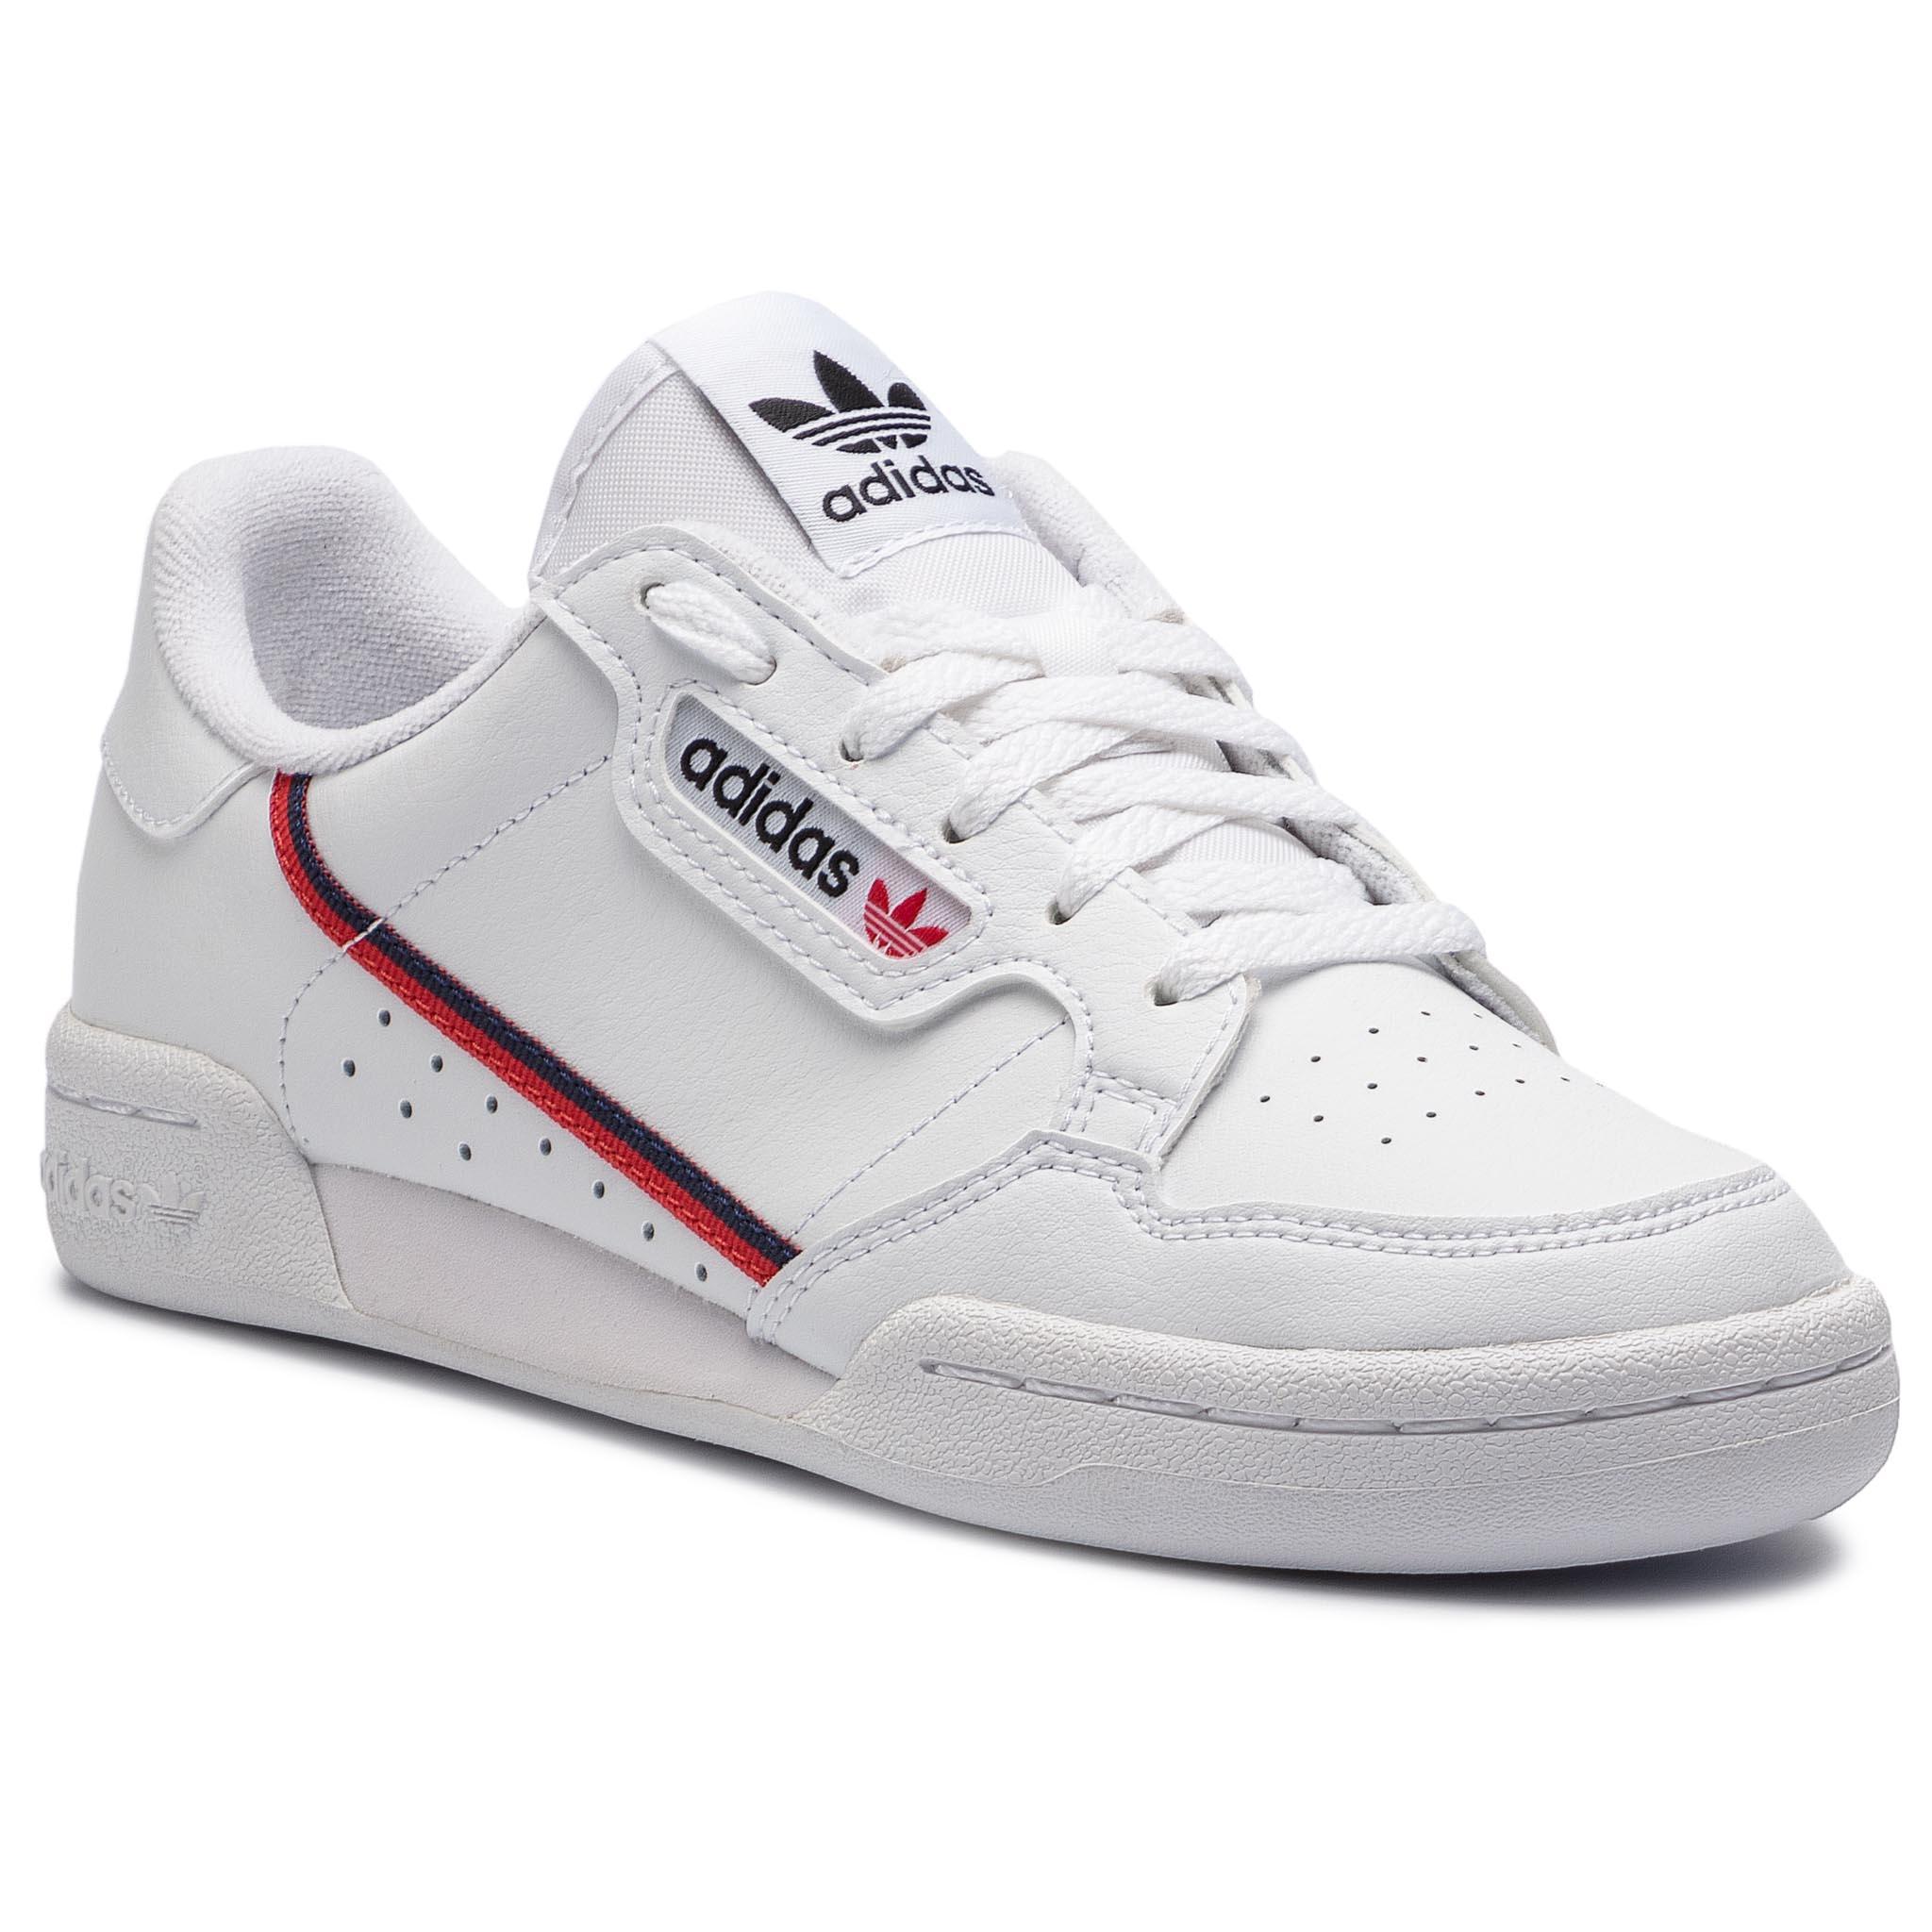 ae57c956d2 Cipő adidas - Continental 80 J F99787 Ftwht/Scarle/Conavy - Glami.hu